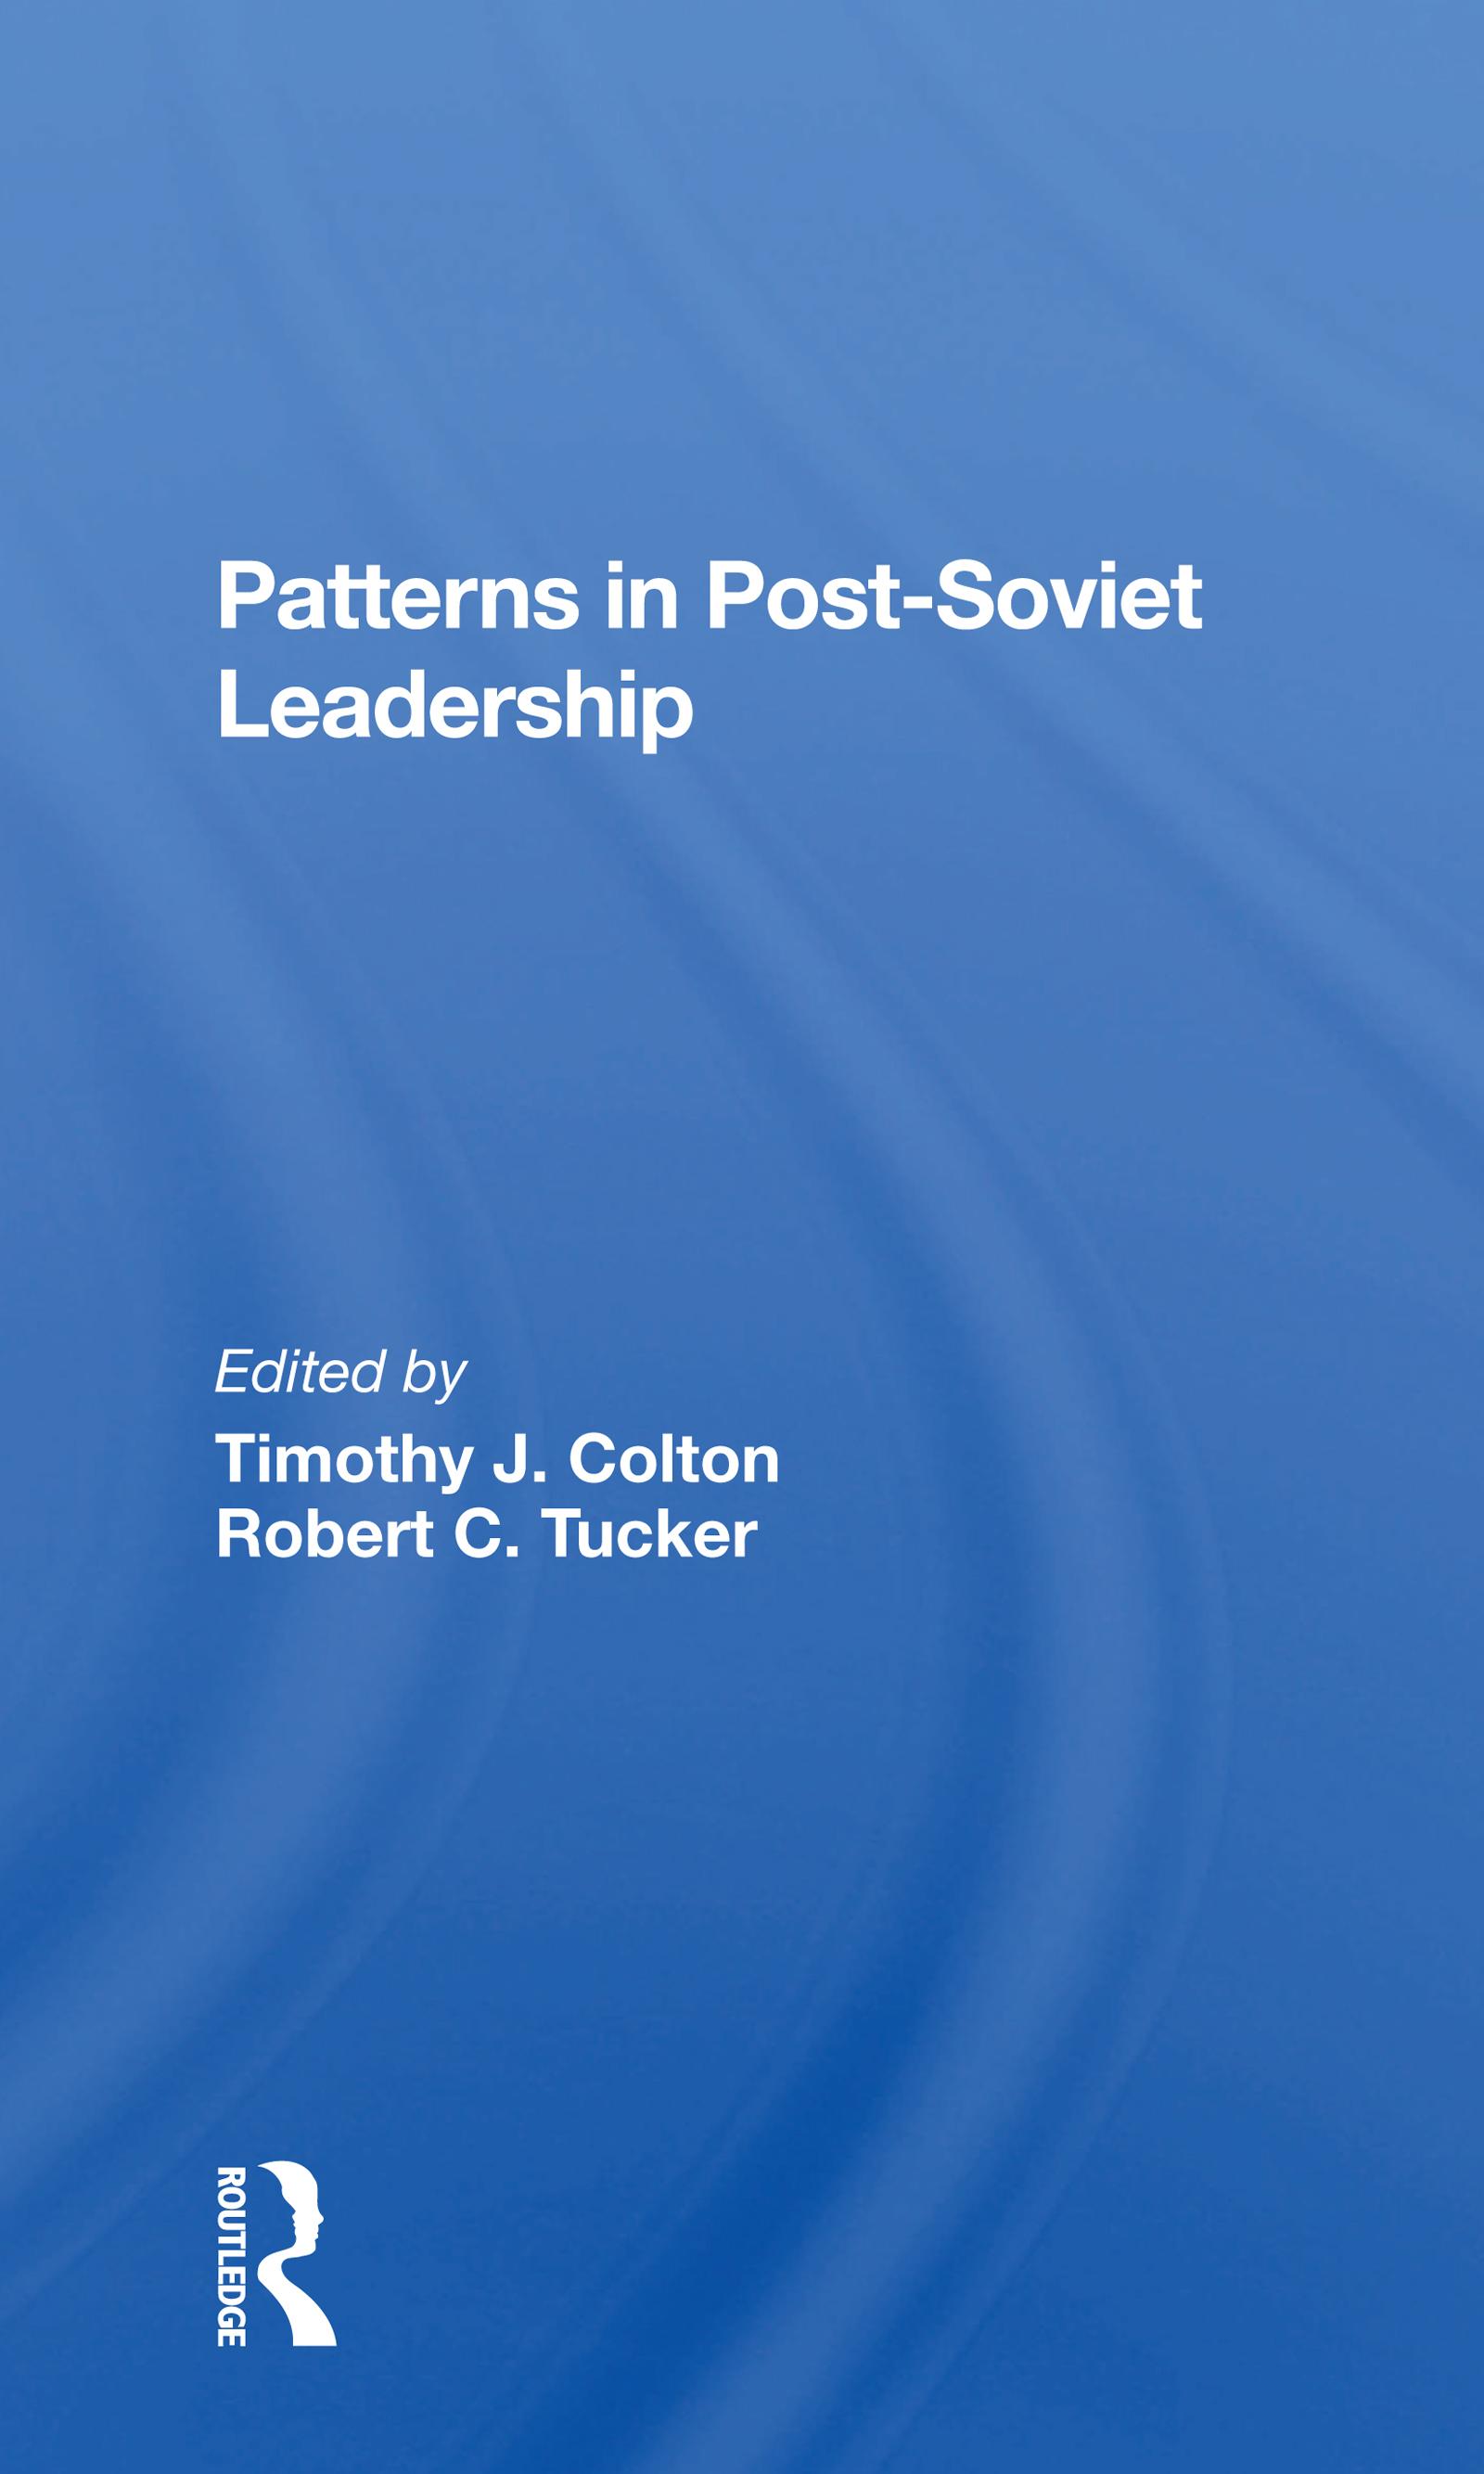 Patterns in Post-Soviet Leadership